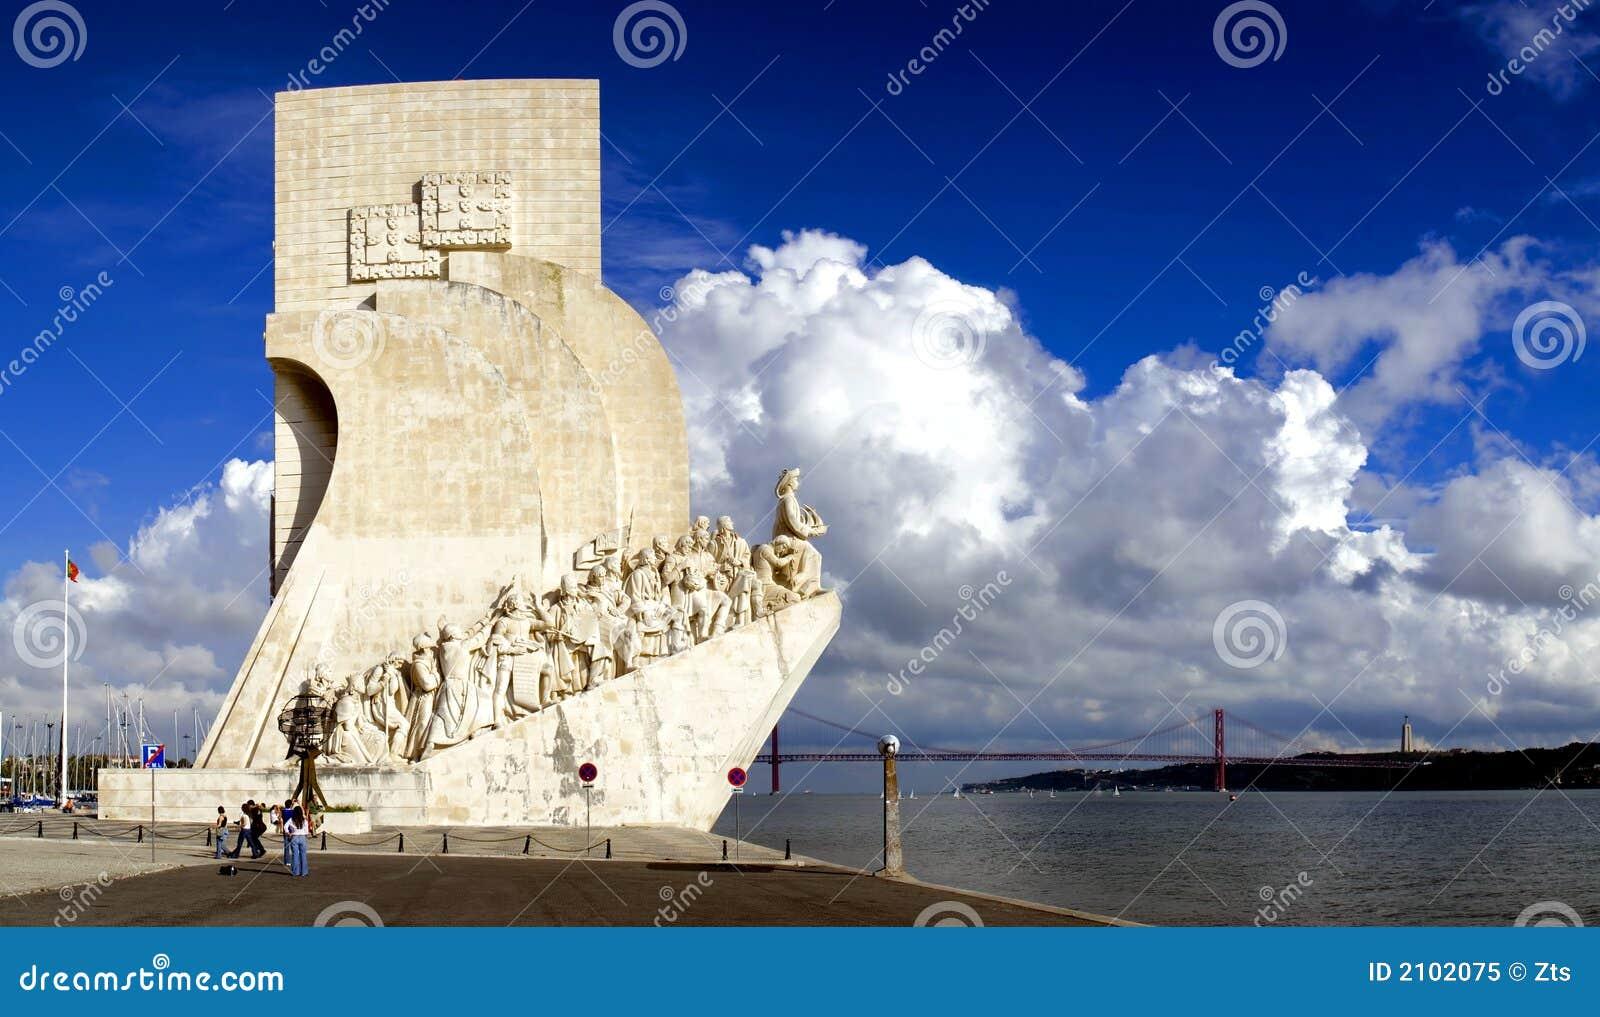 Monumento di Mare-Scoperte a Lisbona, Portogallo.